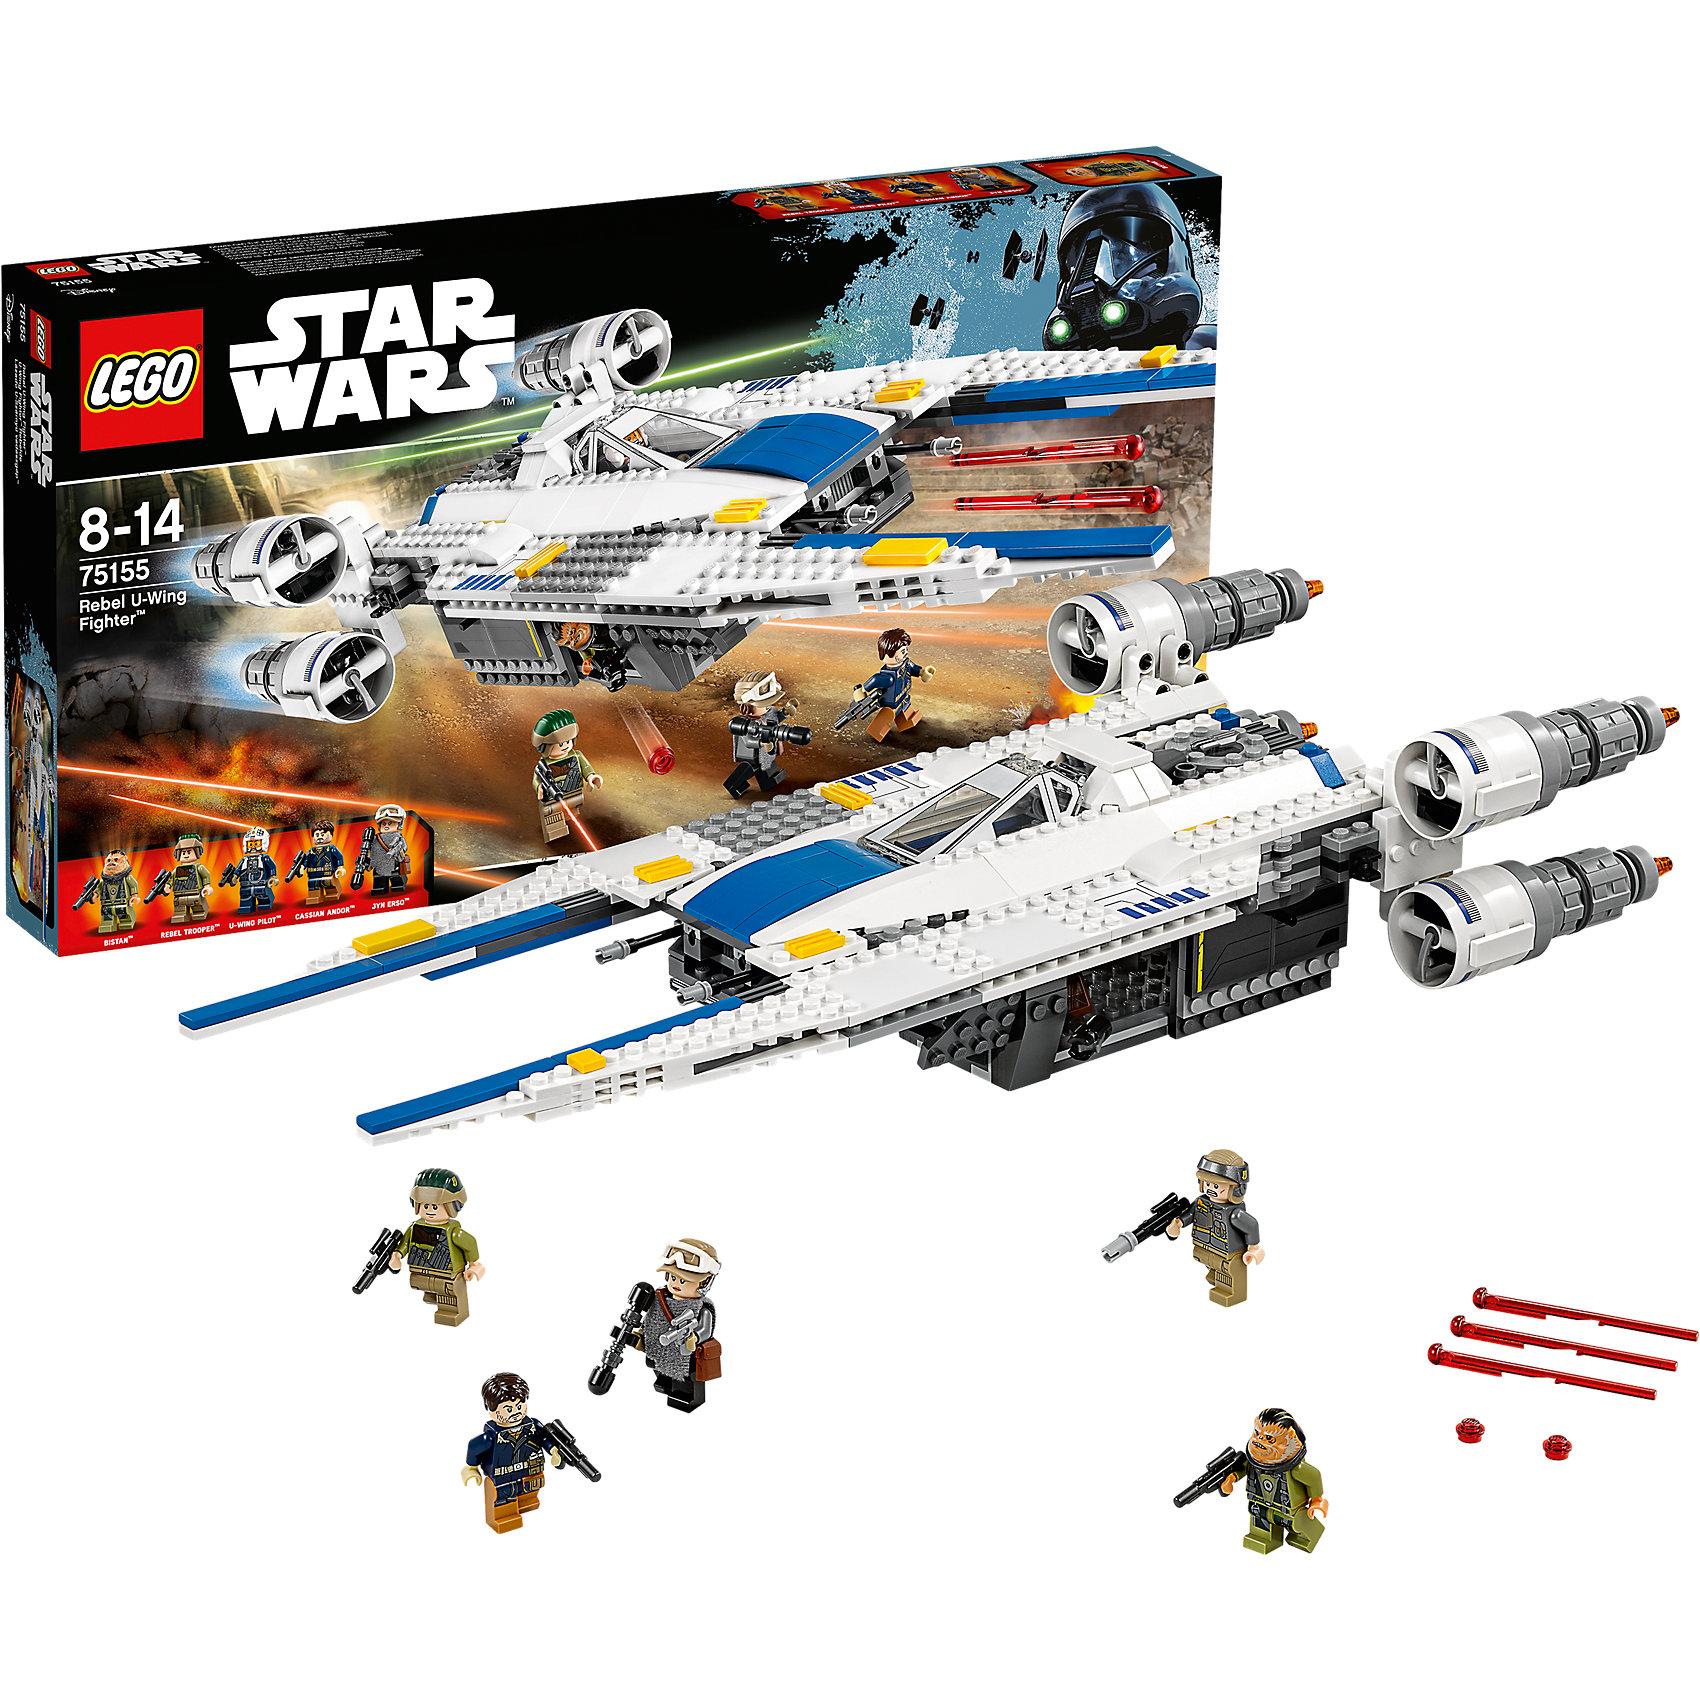 LEGO Star Wars 75155: Истребитель U-Wing ПовстанцевПластмассовые конструкторы<br>Играть с любимыми персонажами всегда интереснее! Фильм Звездные войны обожают современные дети. Подарите им возможность играть с героями из любимого фильма, воссоздавая боевые сцены из кино или придумывая свои! Эти фигурки подвижны, состоят из деталей, поэтому детям с ними играть очень интересно. <br>Одна игрушка - только часть большой коллекции LEGO Star Wars, поэтому детям будет интересно еще и коллекционировать разные фигурки и наборы. Такие игрушки помогают ребенку развивать мелкую моторику, воображение и творческое мышление! Материалы, использованные при изготовлении игрушек, полностью безопасны для детей и отвечают всем требованиям по качеству.<br><br>Дополнительная информация:<br><br>цвет: разноцветный;<br>материал: пластик;<br>деталей: 659, 5 фигурок.<br><br>LEGO Star Wars 75155: Истребитель U-Wing можно приобрести в нашем магазине.<br><br>Ширина мм: 541<br>Глубина мм: 279<br>Высота мм: 62<br>Вес г: 1164<br>Возраст от месяцев: 96<br>Возраст до месяцев: 168<br>Пол: Мужской<br>Возраст: Детский<br>SKU: 4641274